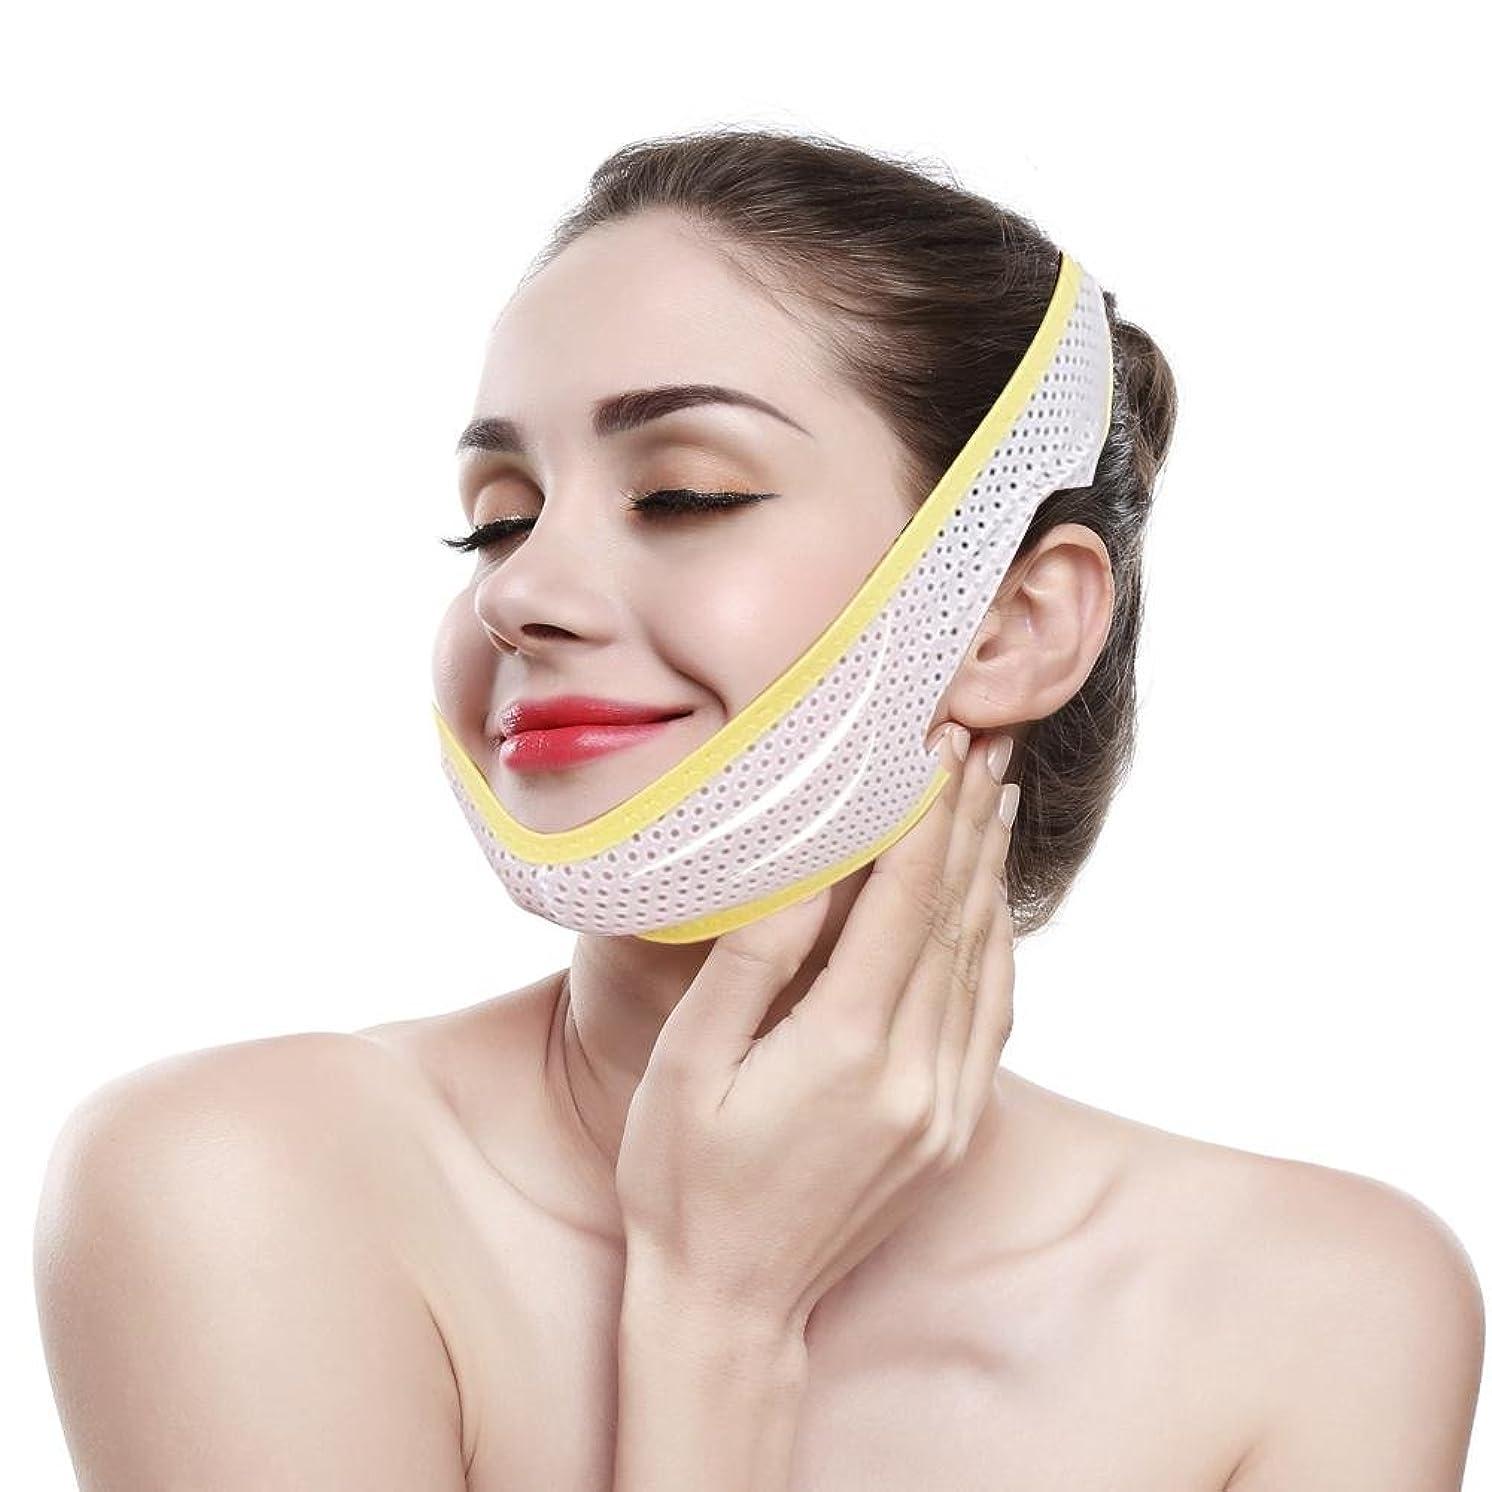 リブ勇気ビクター顎リフト フェイススリミング包帯 フェイスベルト 顔の包帯スリミングダブルチンVラインとフェイシャルケアファーミングスキン 女性の超薄型 フェイスマス クラインベルト スリミング製品マスク(M)